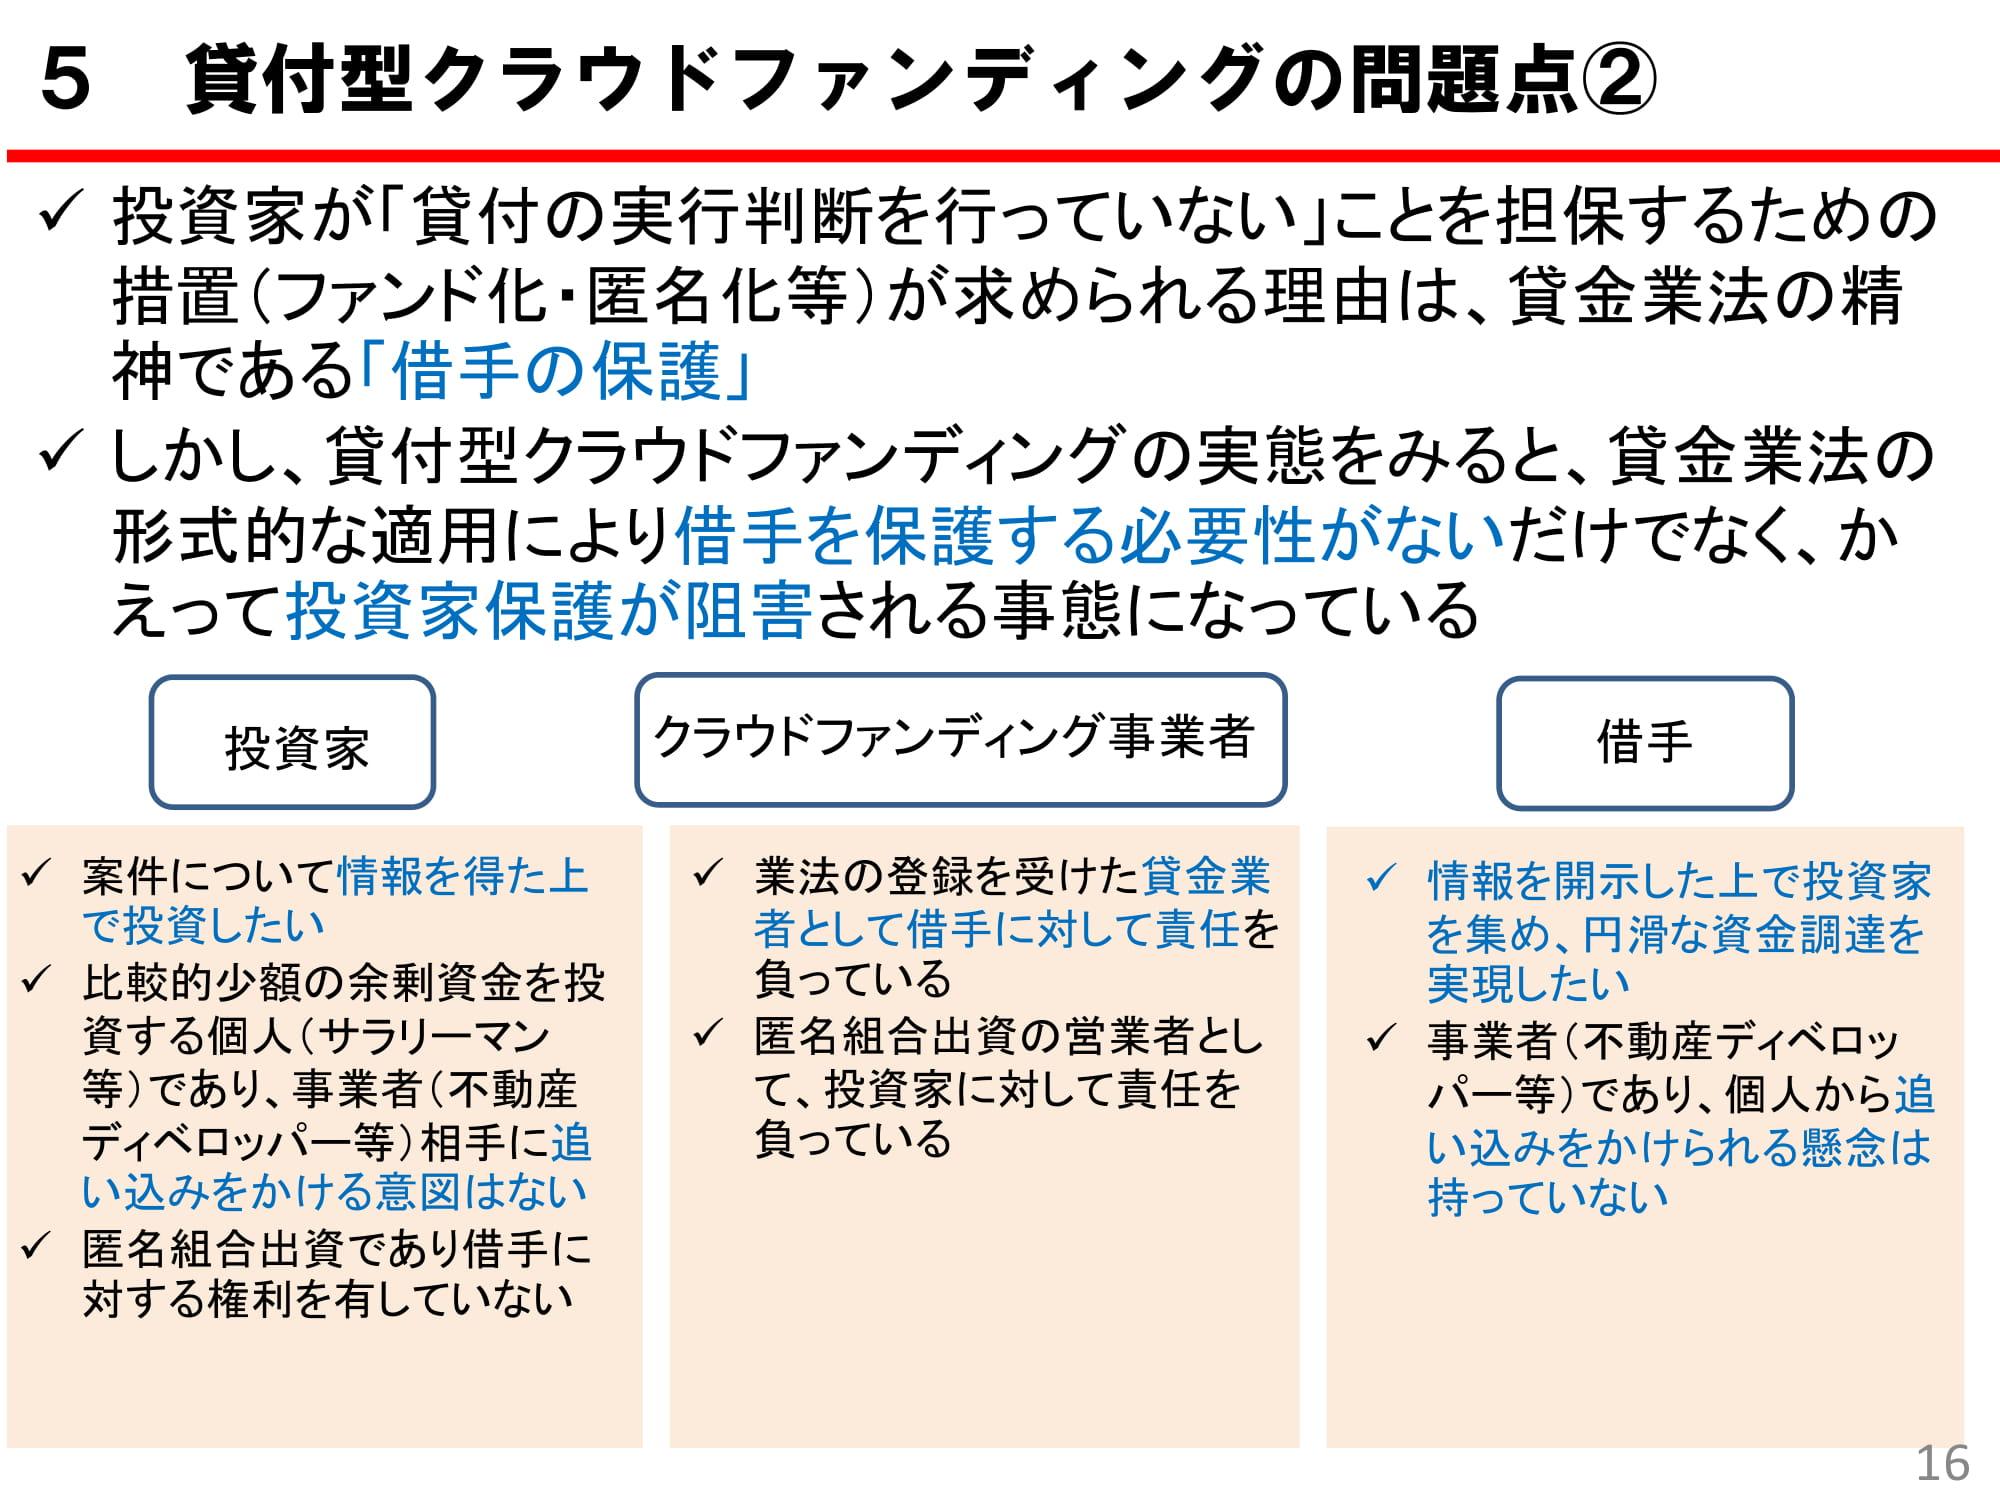 180227toushi05-16.jpg